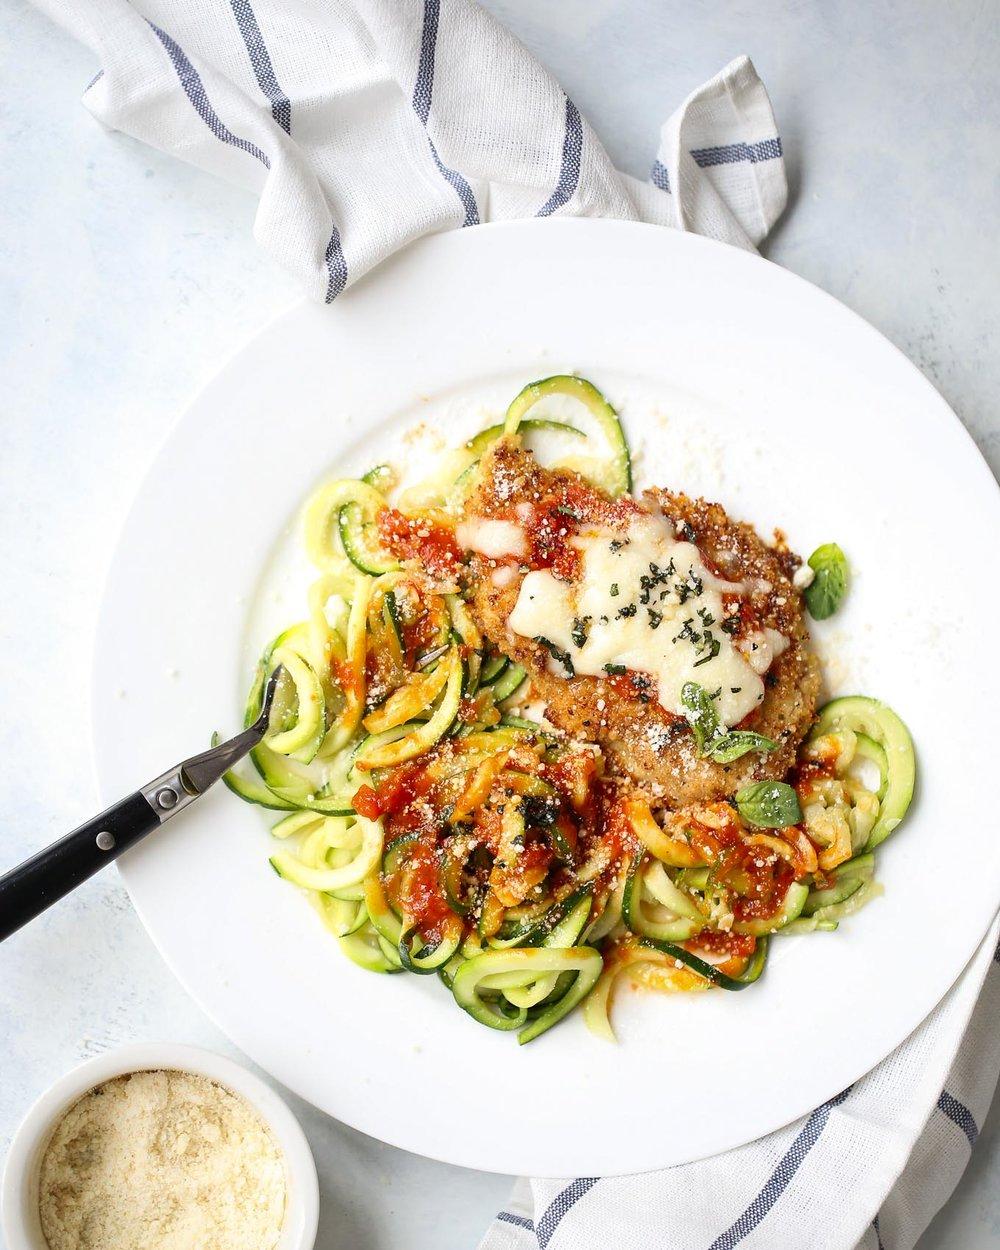 lighter_baked_chicken_parmesan_recipe-1-1.jpg